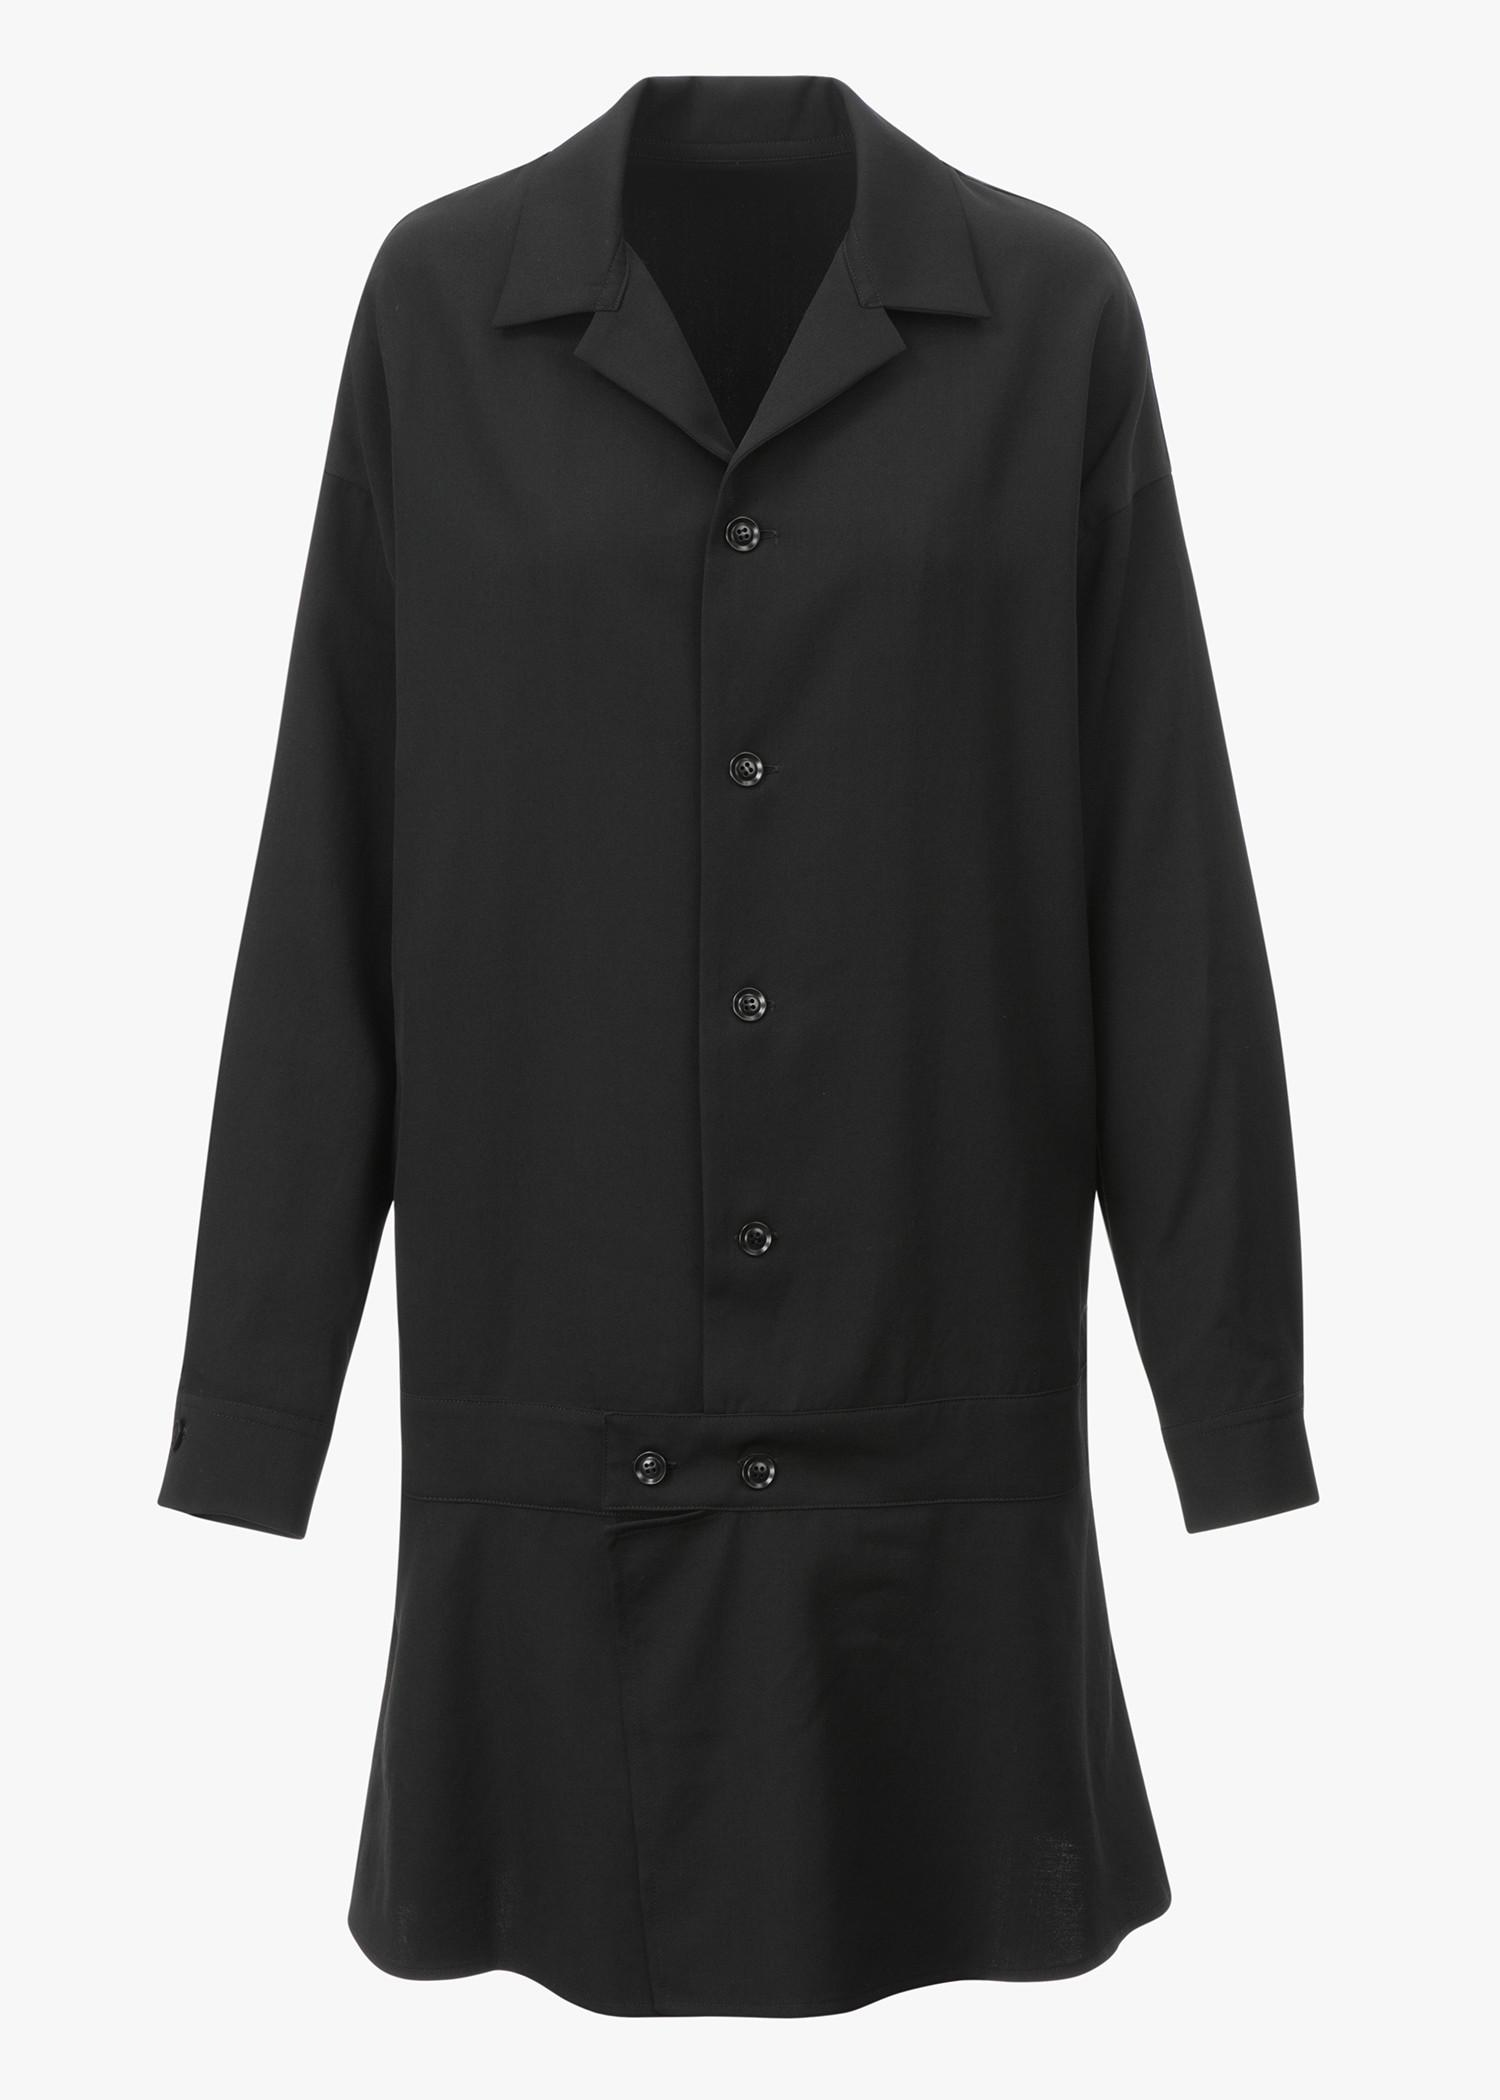 Y's Flare Skirt Long Bomber In Black